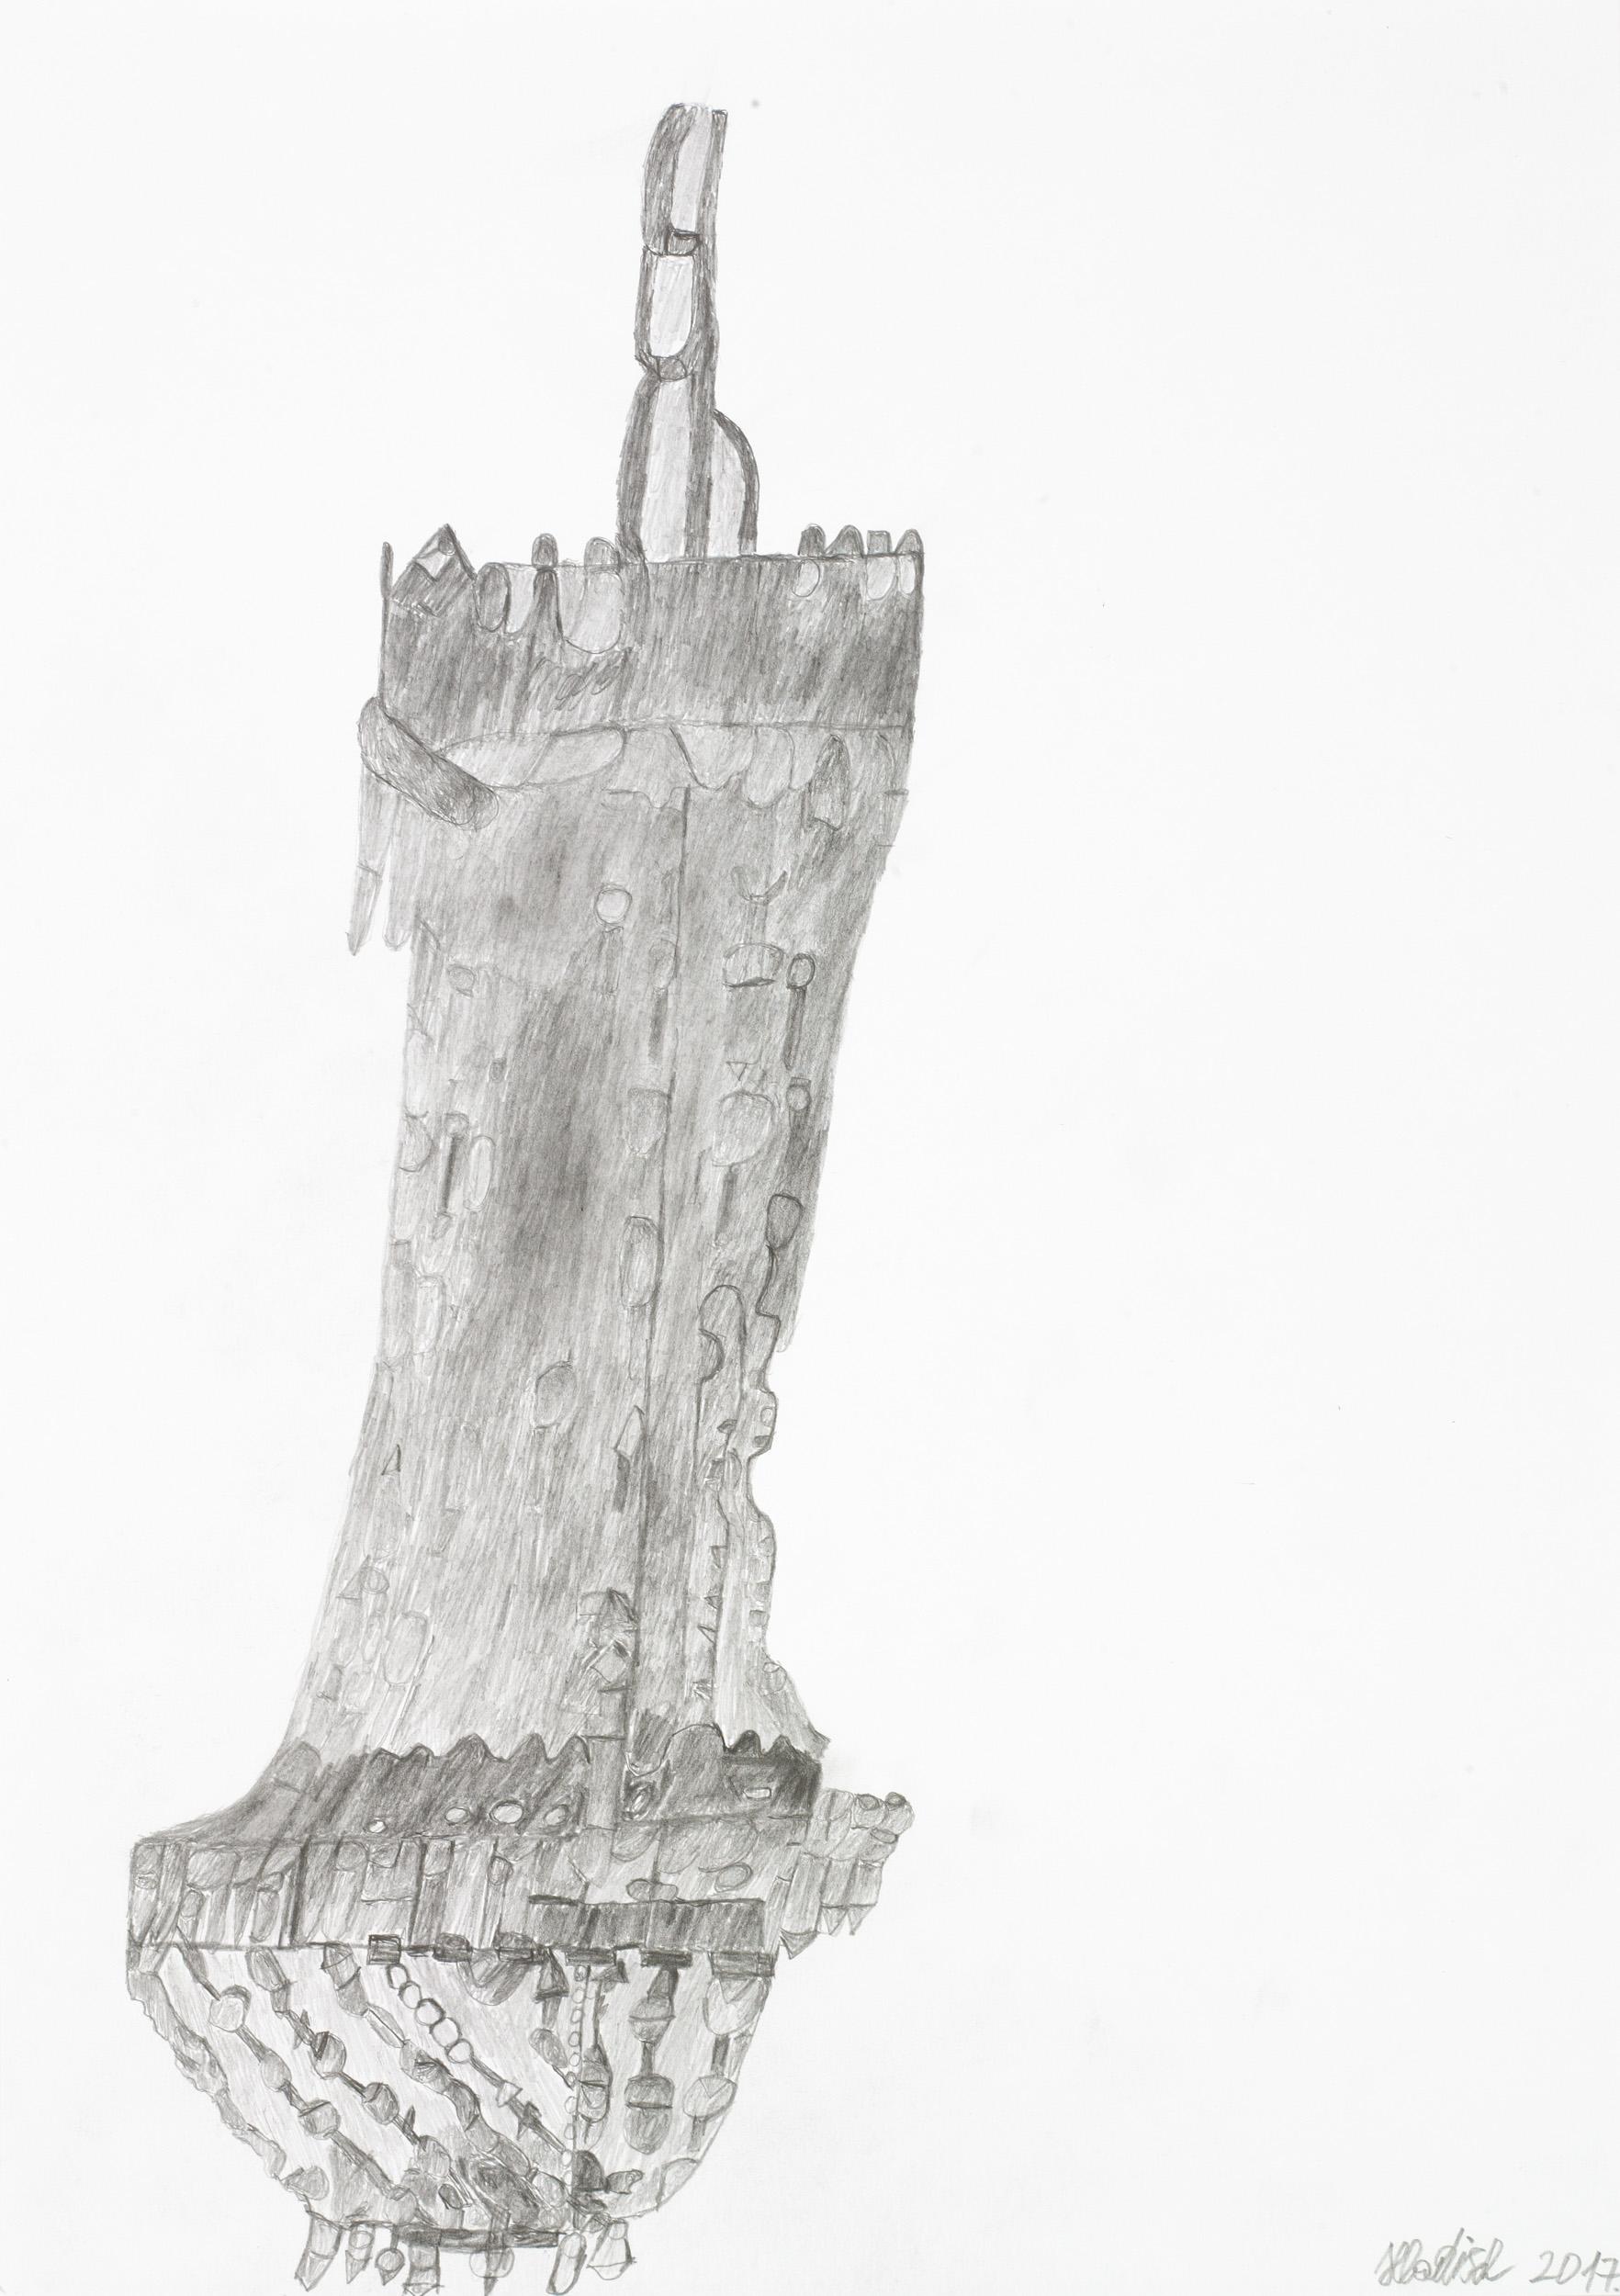 hladisch helmut - Kristall Luster/ Crystal chandelier